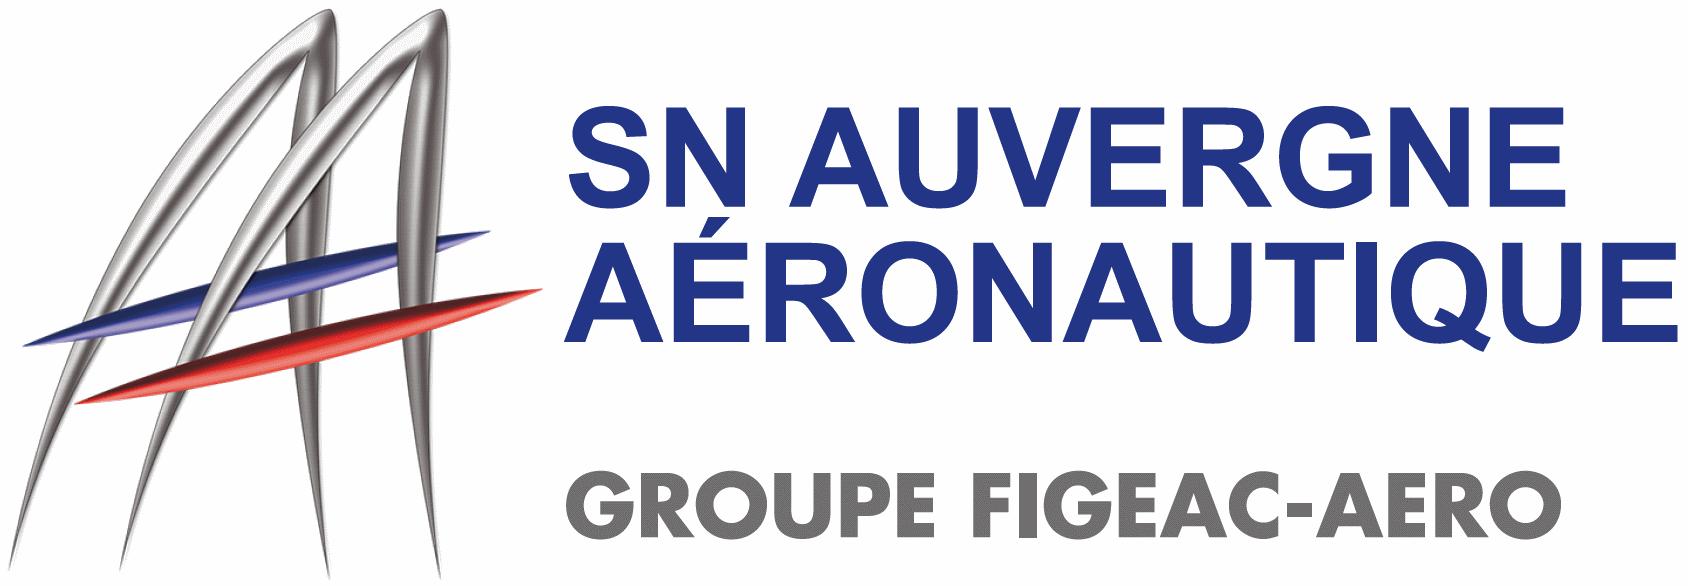 SN Auvergne Aeronautique